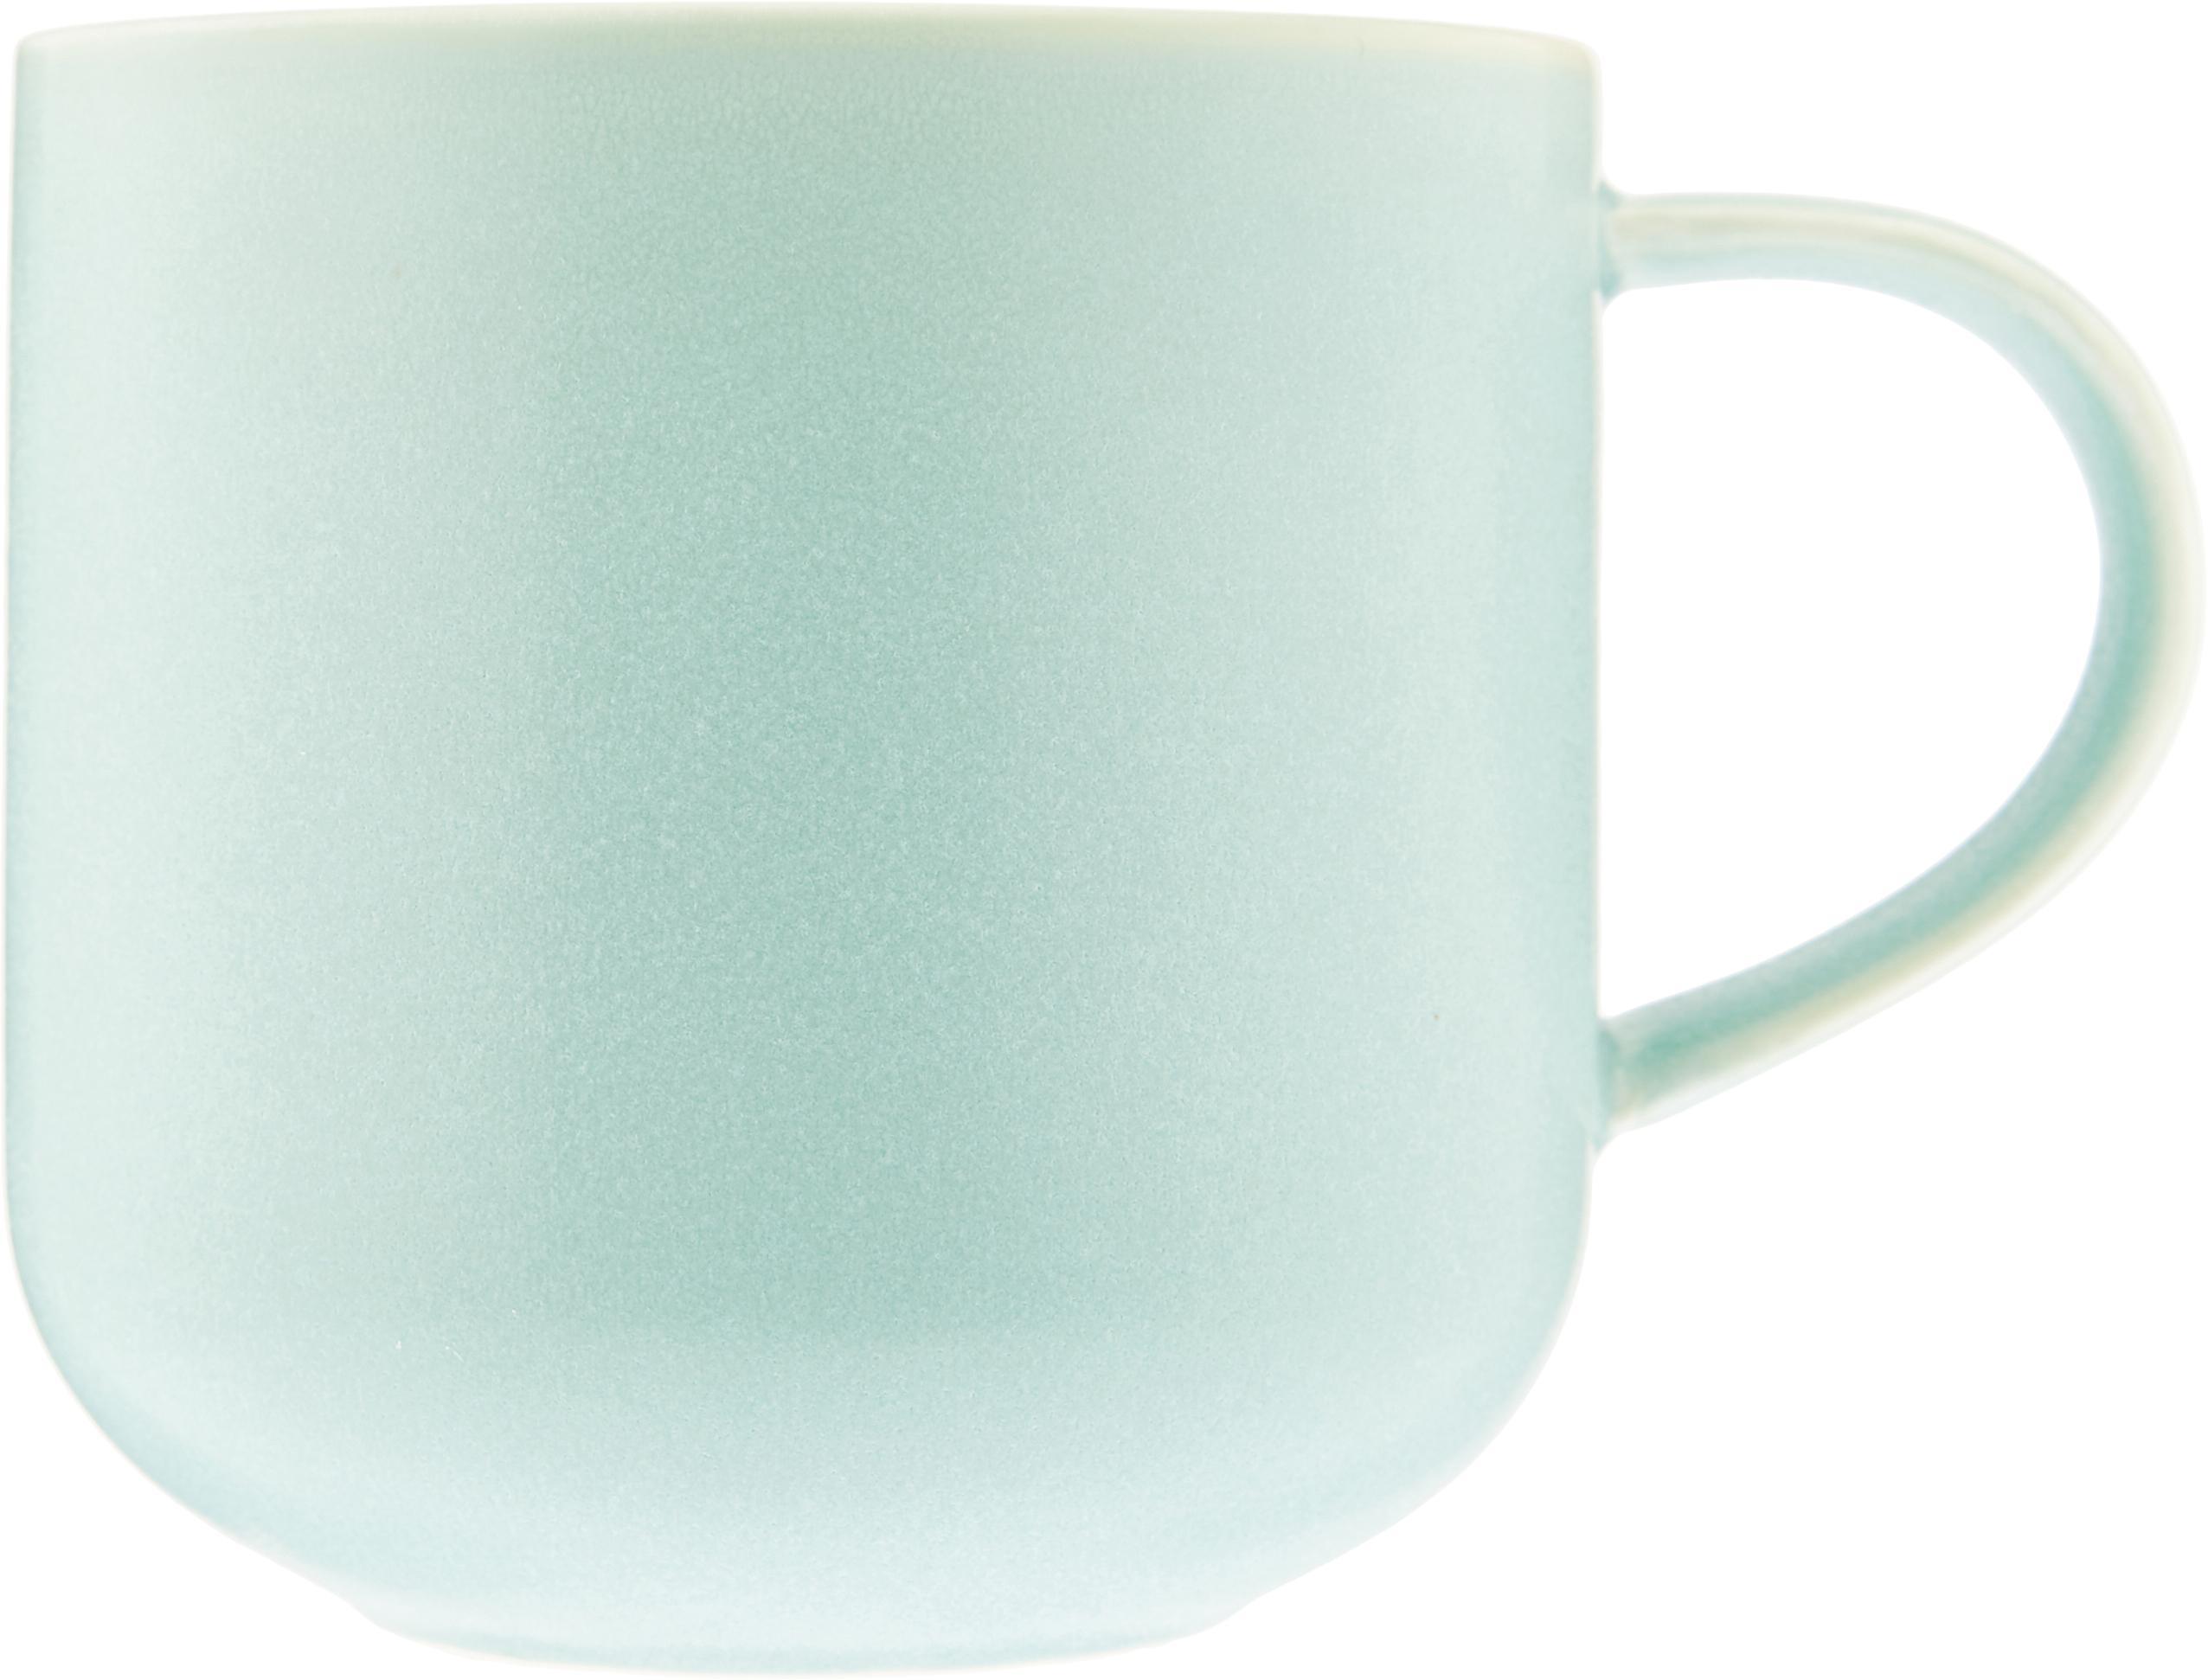 Tazza Coppa 2 pz, Porcellana, Verde menta, legno, 400 ml